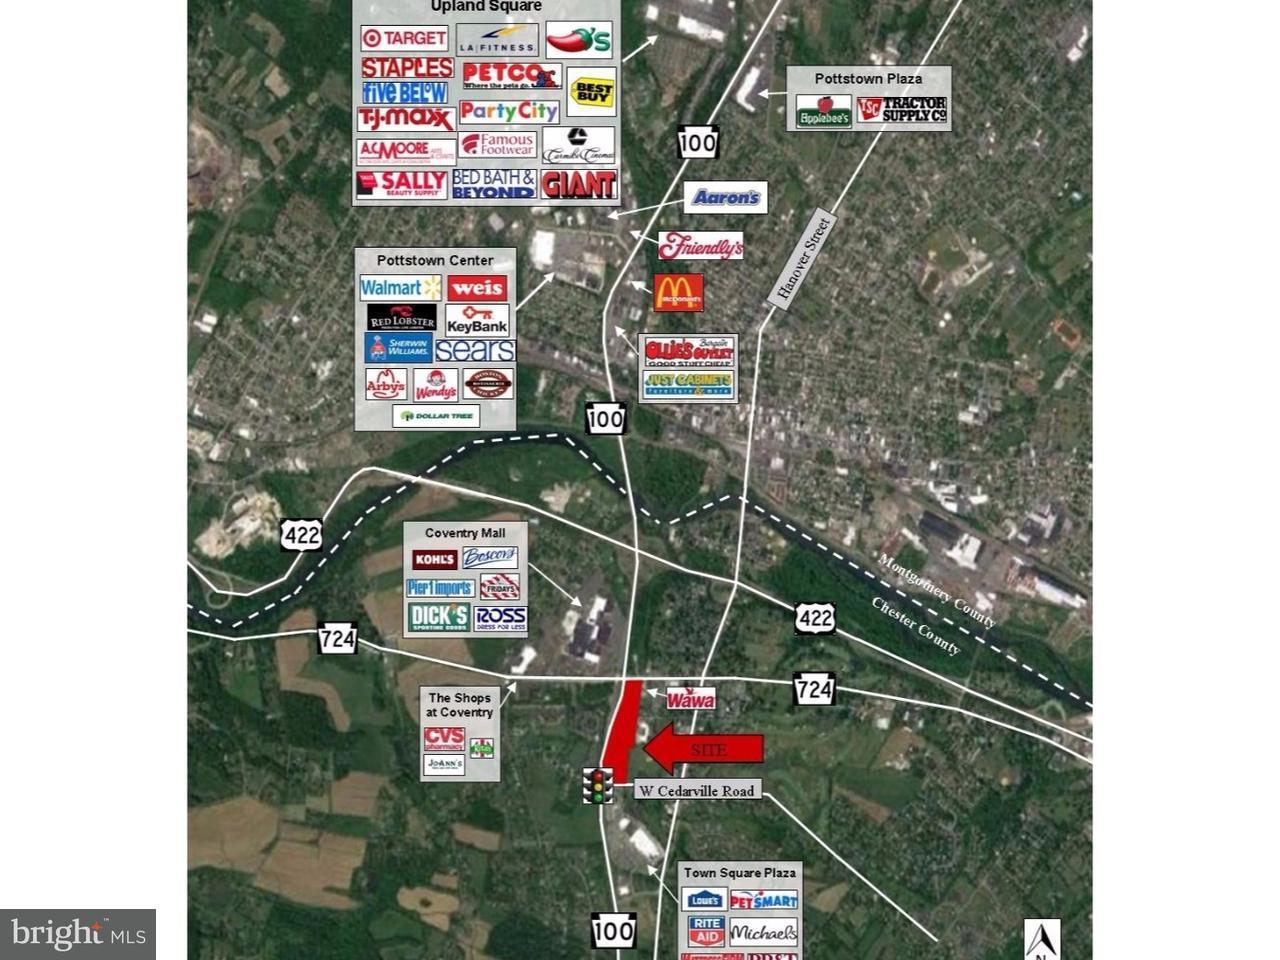 独户住宅 为 销售 在 313 W CEDARVILLE Road 波茨敦, 宾夕法尼亚州 19465 美国